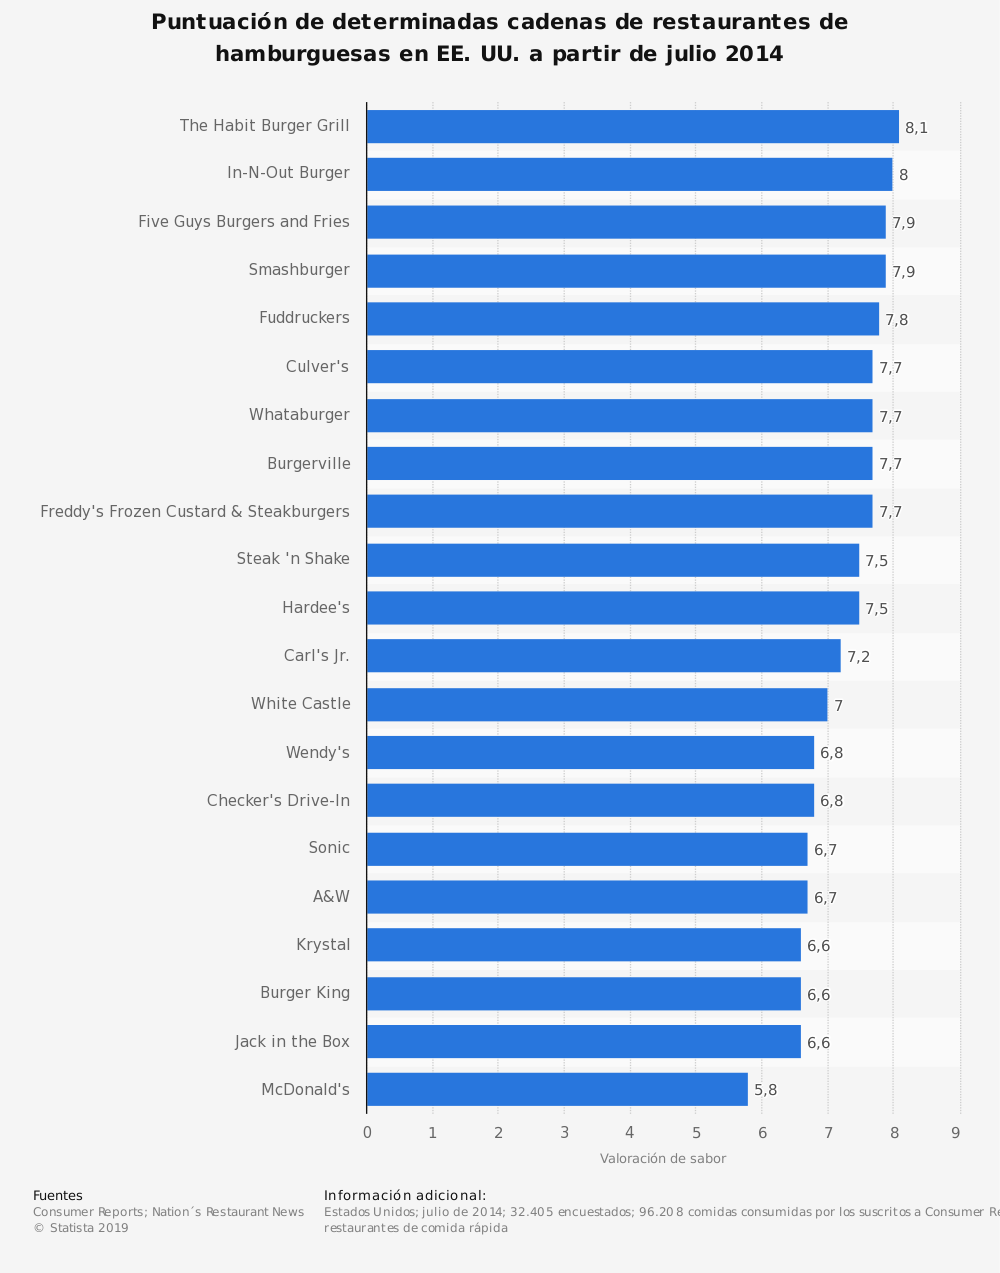 Estadística: Puntuación de determinadas cadenas de restaurantes de hamburguesas en EE. UU. a partir de julio 2014 | Statista